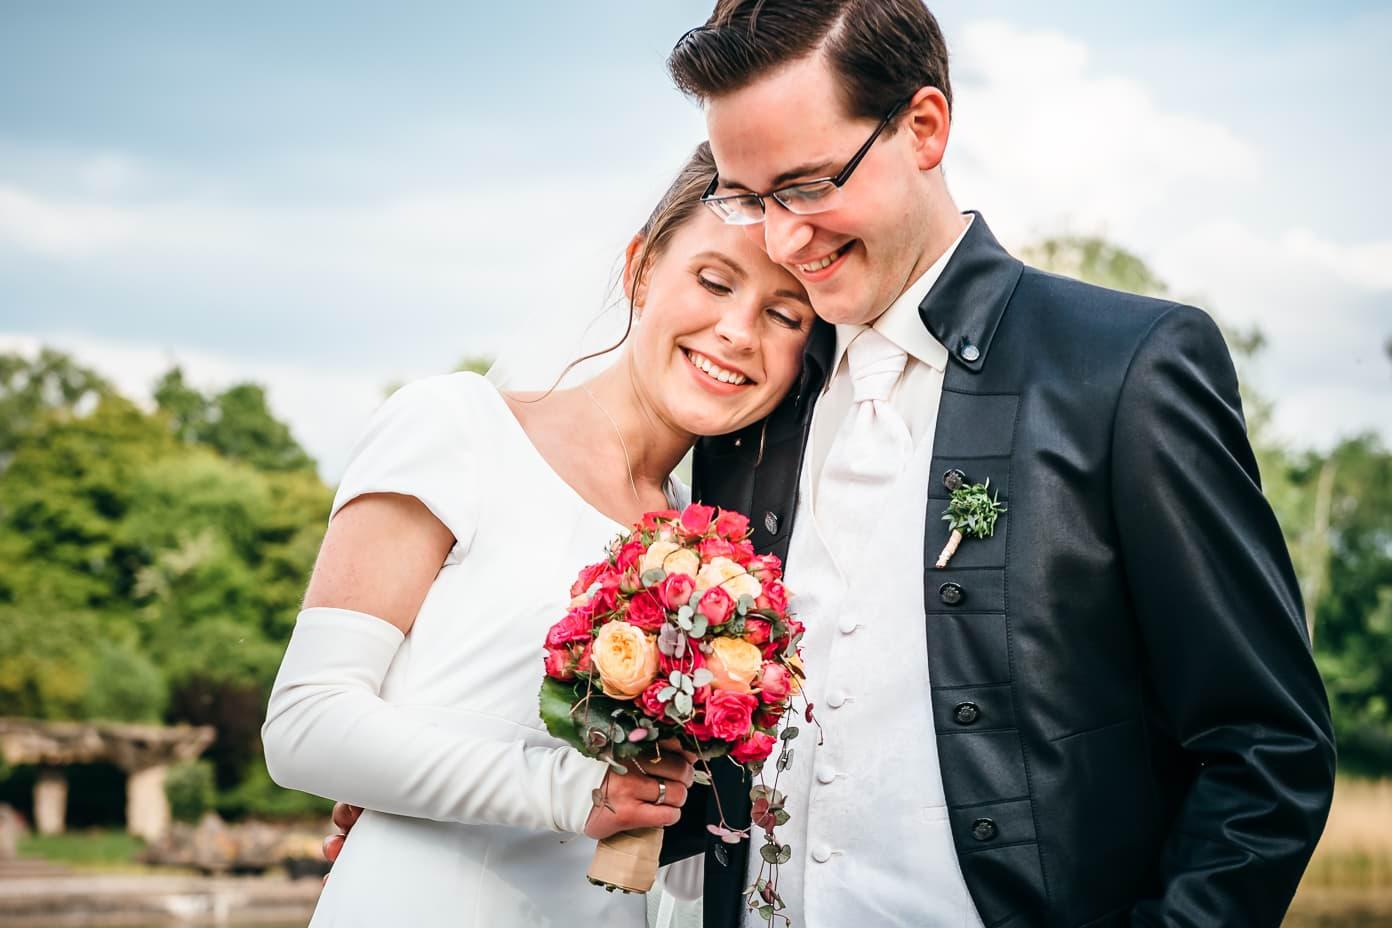 Brautpaar mit Brautstrauß - close